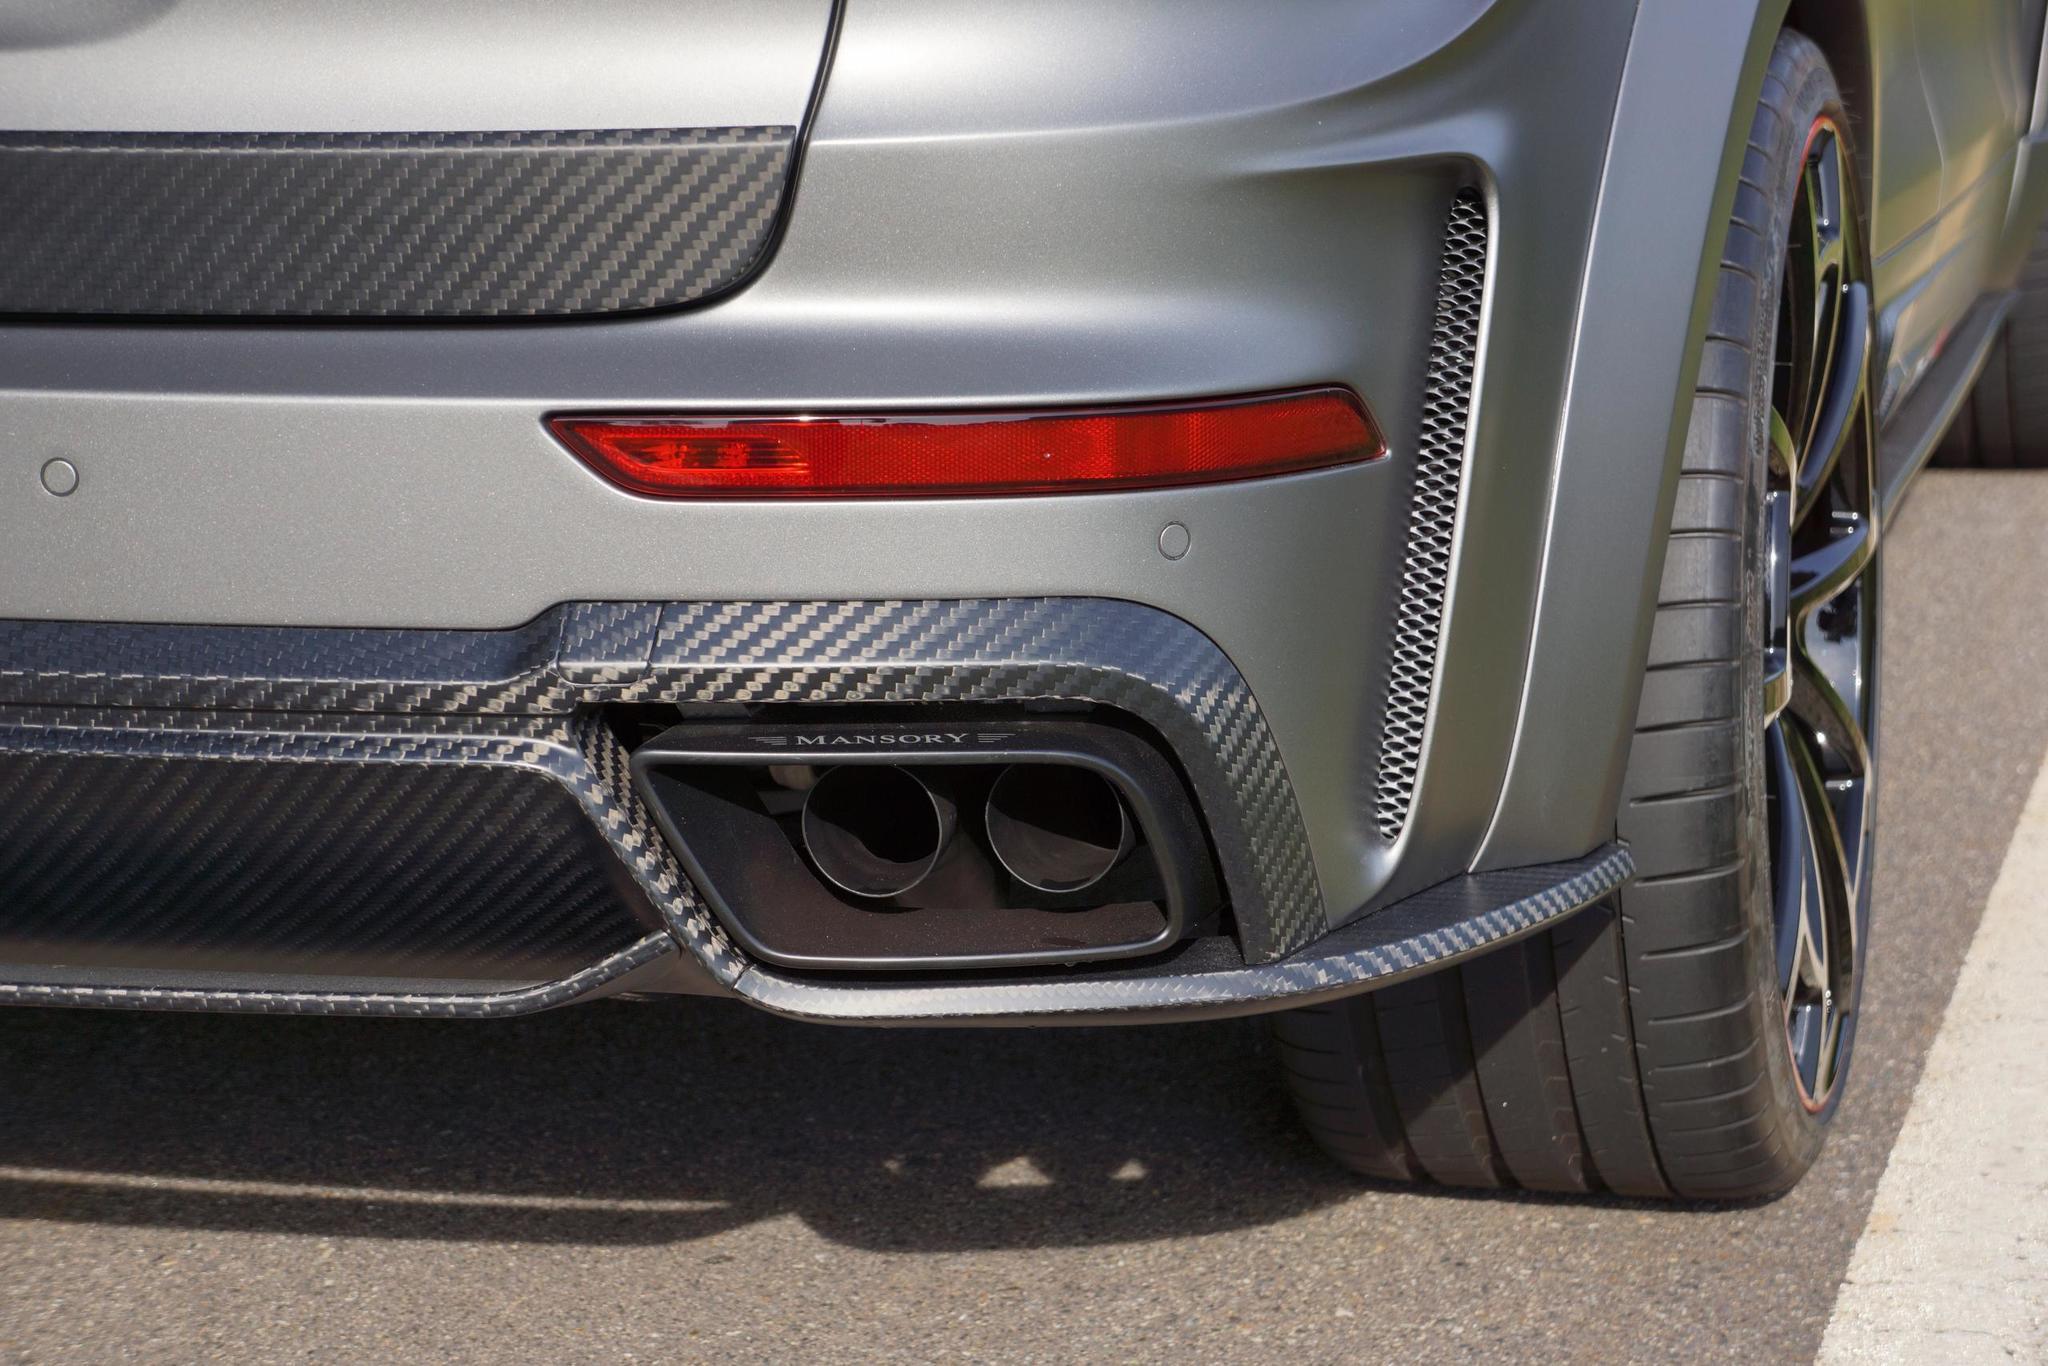 Mansory body kit for Porsche Cayenne latest model